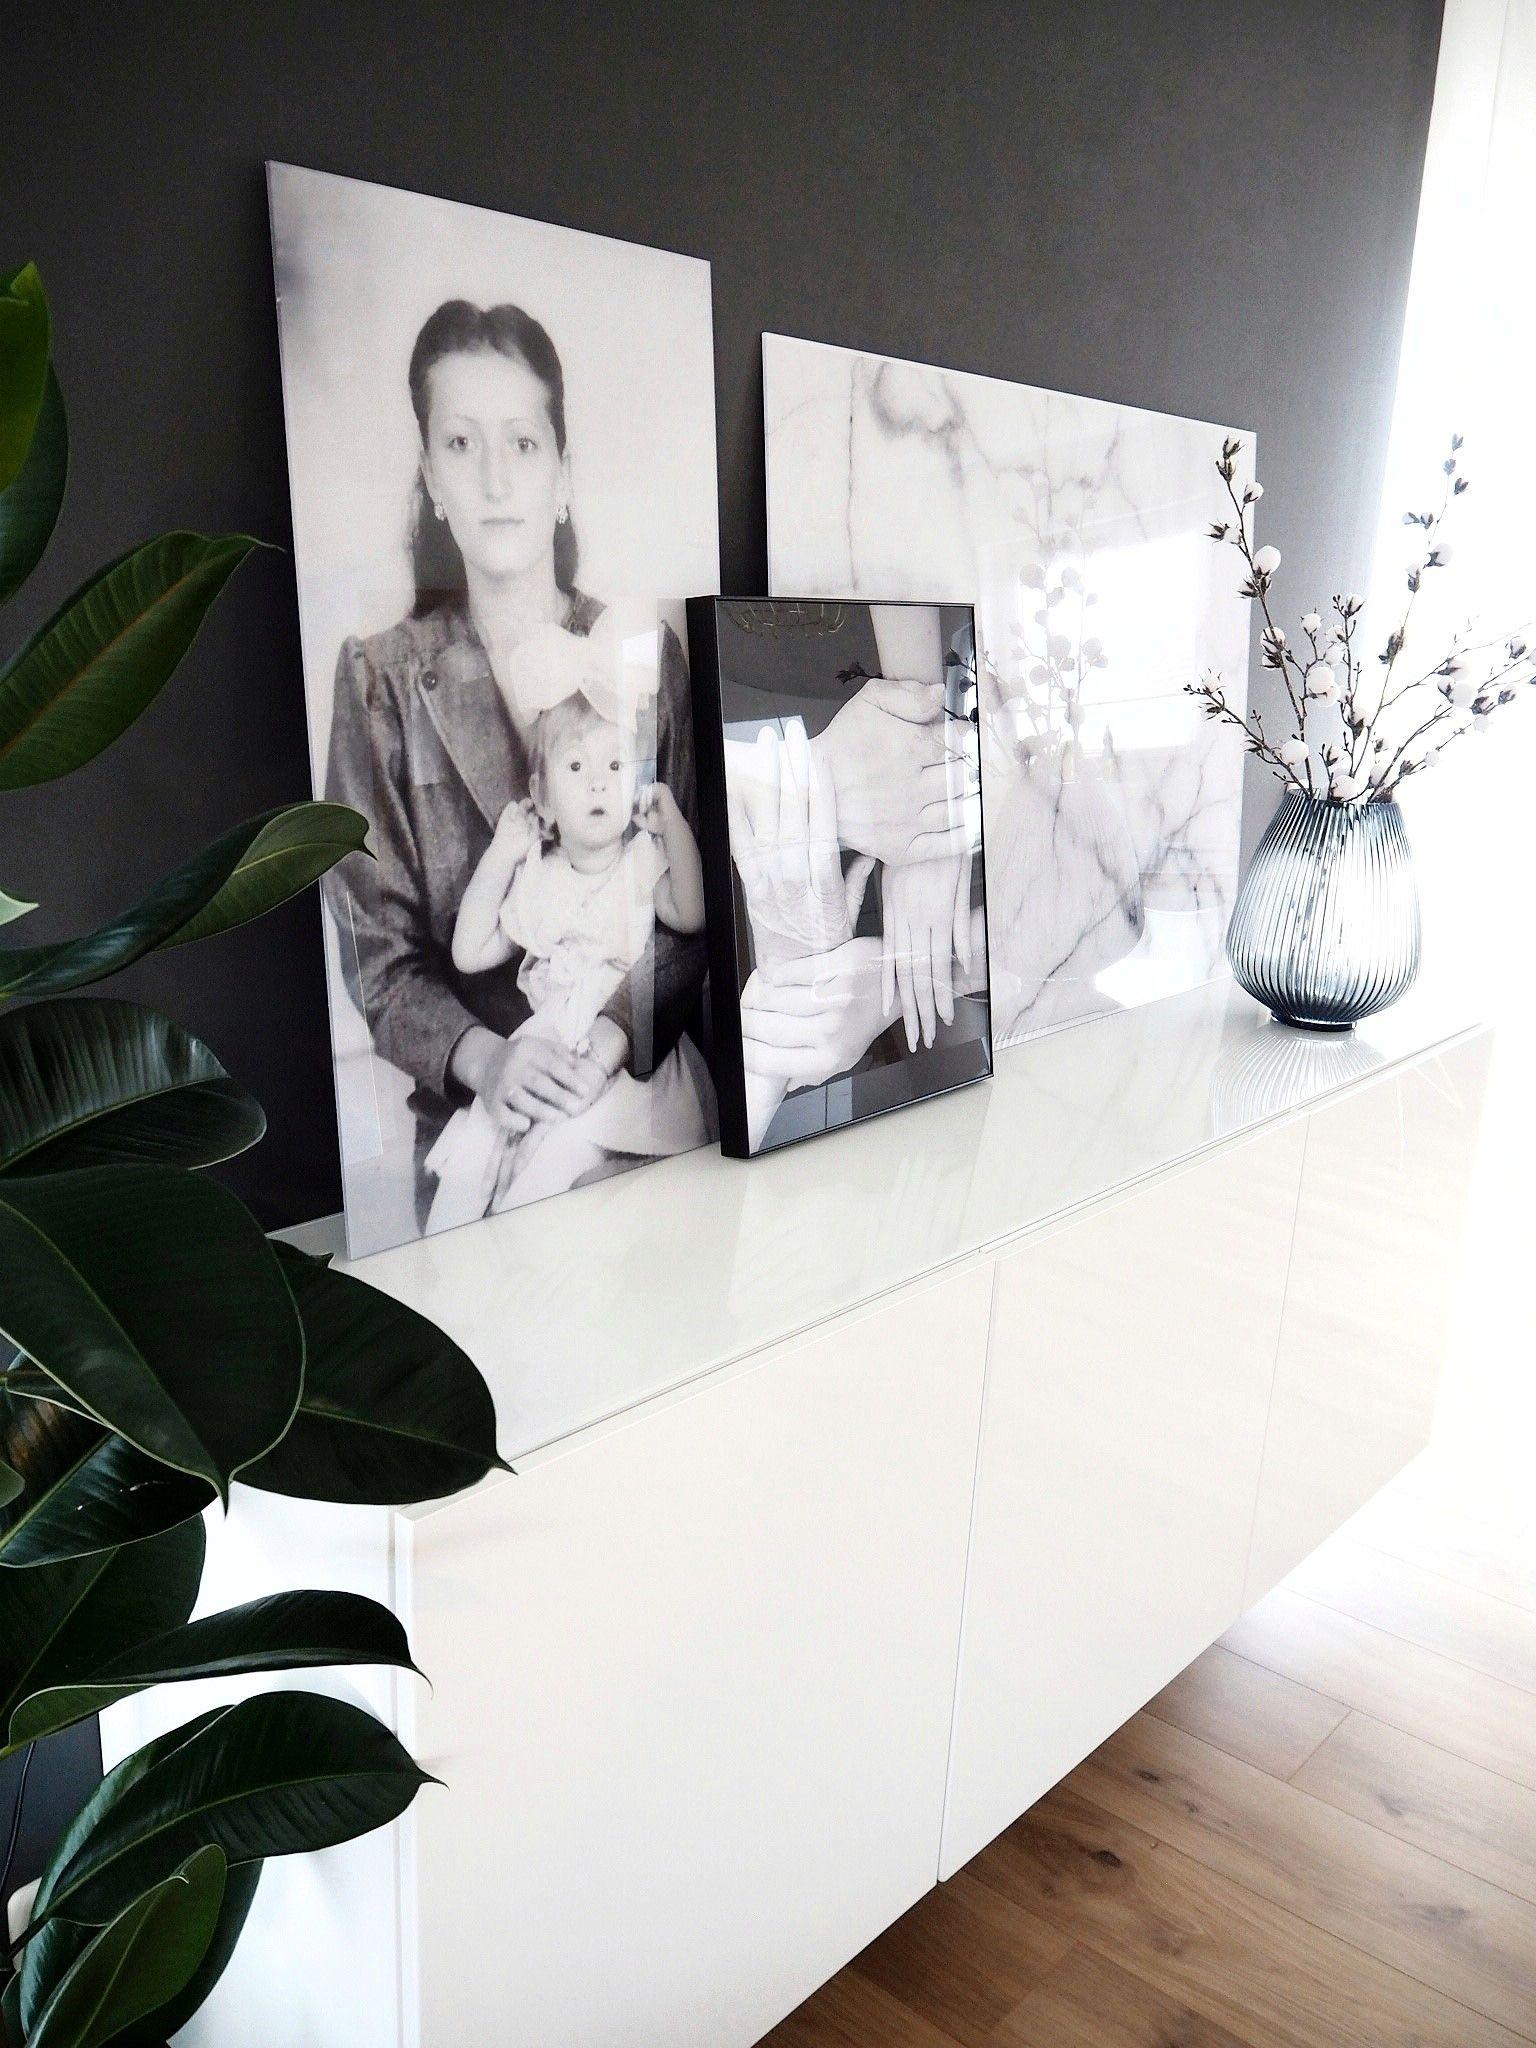 Acrylglas Bilder Gestaltung Auf Dem Sideboard In Unserem Wohnzimmer